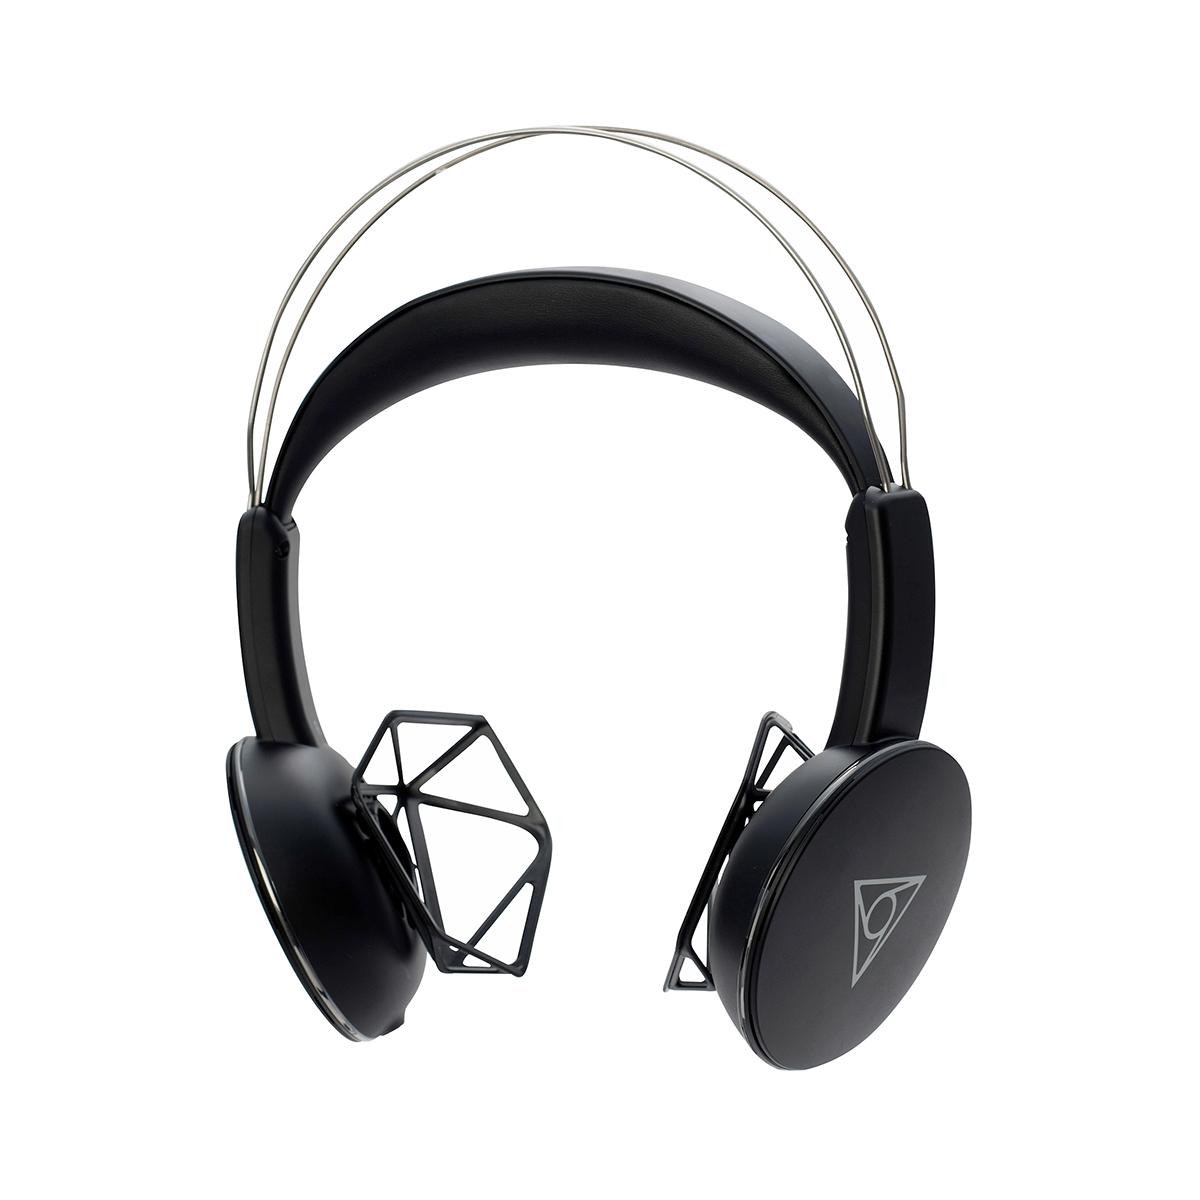 音楽家が創った「ワイヤレスヘッドフォン」 耳が痛くならず、最高音質。自分の世界に没頭しながら周囲の音も聞けるヘッドフォン  VIE SHAIR